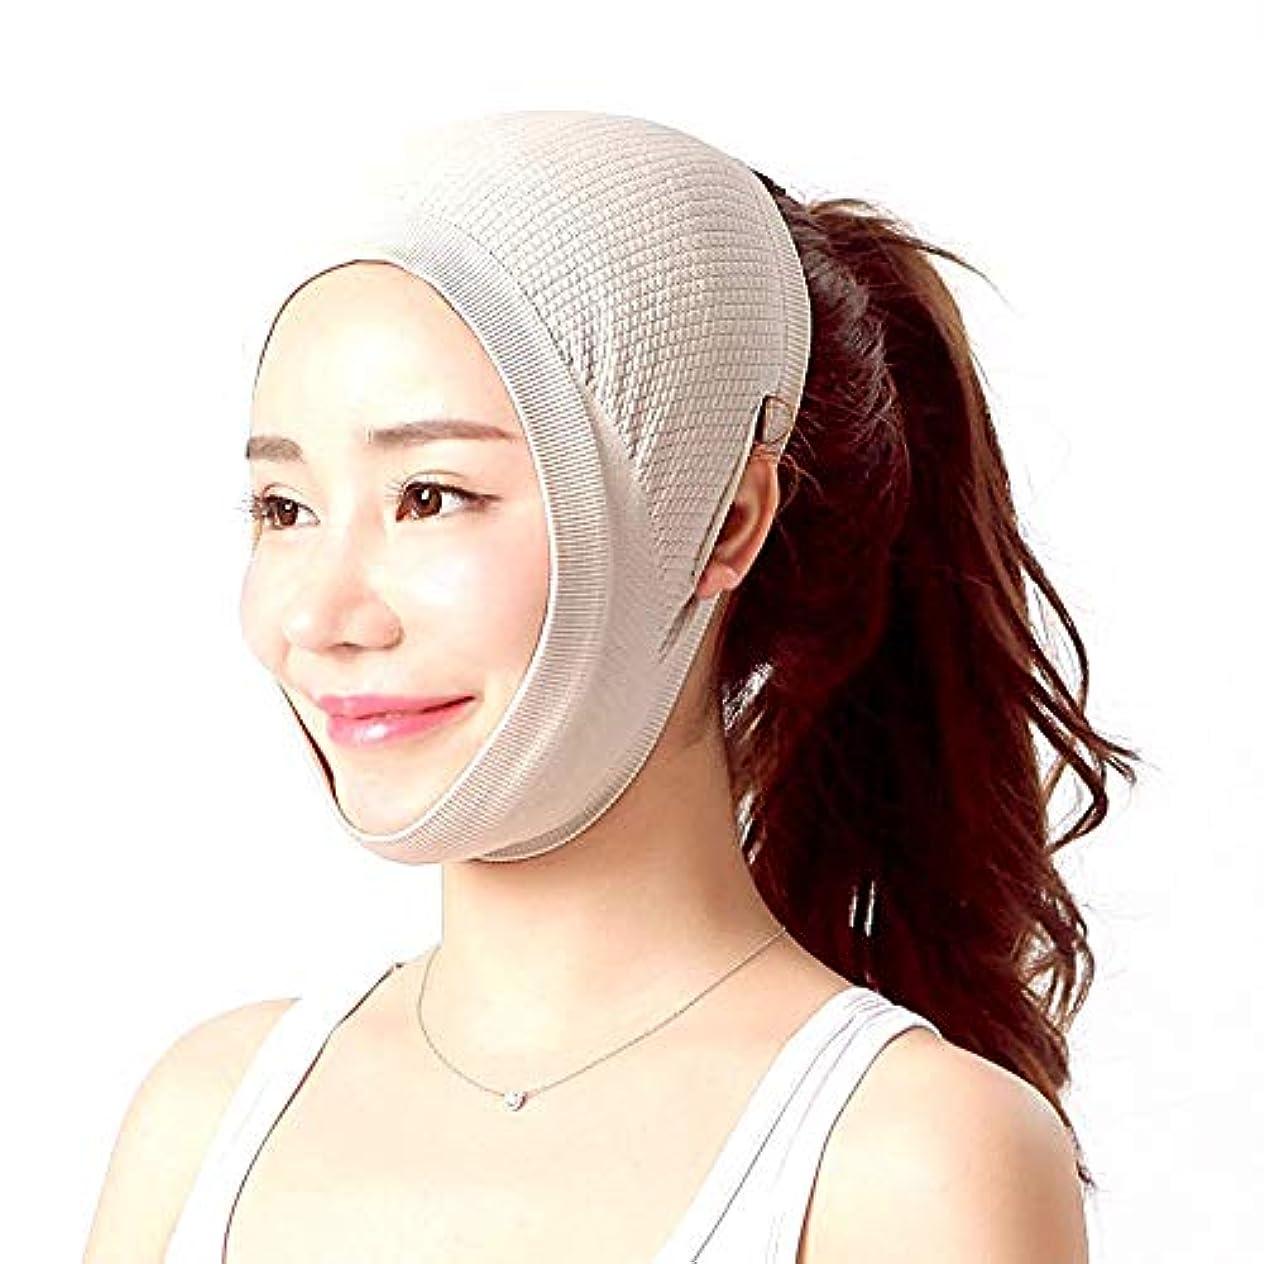 ホール芽メディカルJia Jia- フェイスリフティングアーティファクト包帯ライン術後回復包帯リフティングフェイスフードVフェイス包帯リフティングVフェイス美容マスク - 肌のトーン 顔面包帯